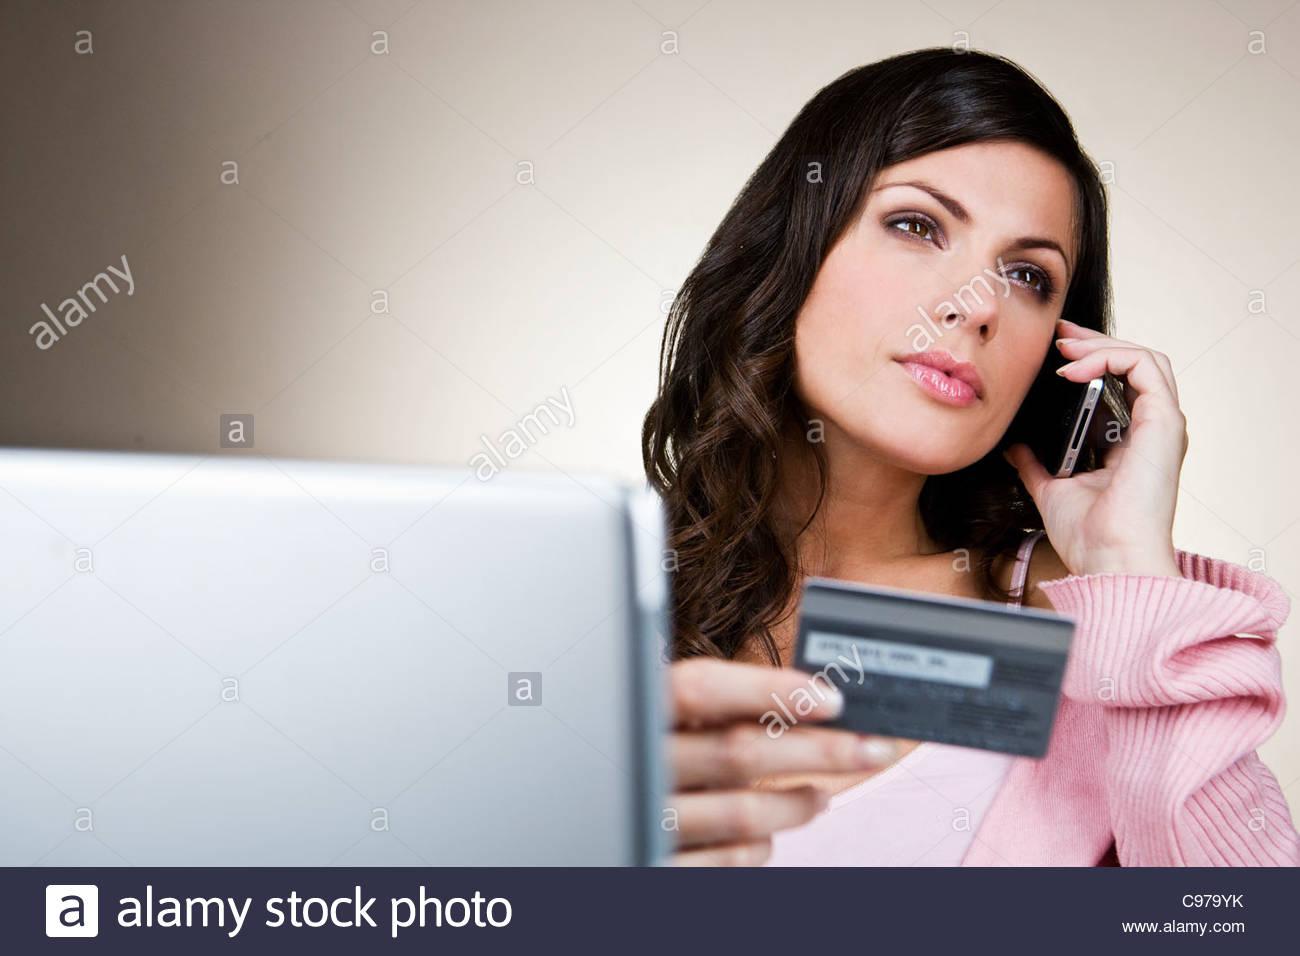 Una joven mujer en el teléfono, sosteniendo su tarjeta de crédito Imagen De Stock